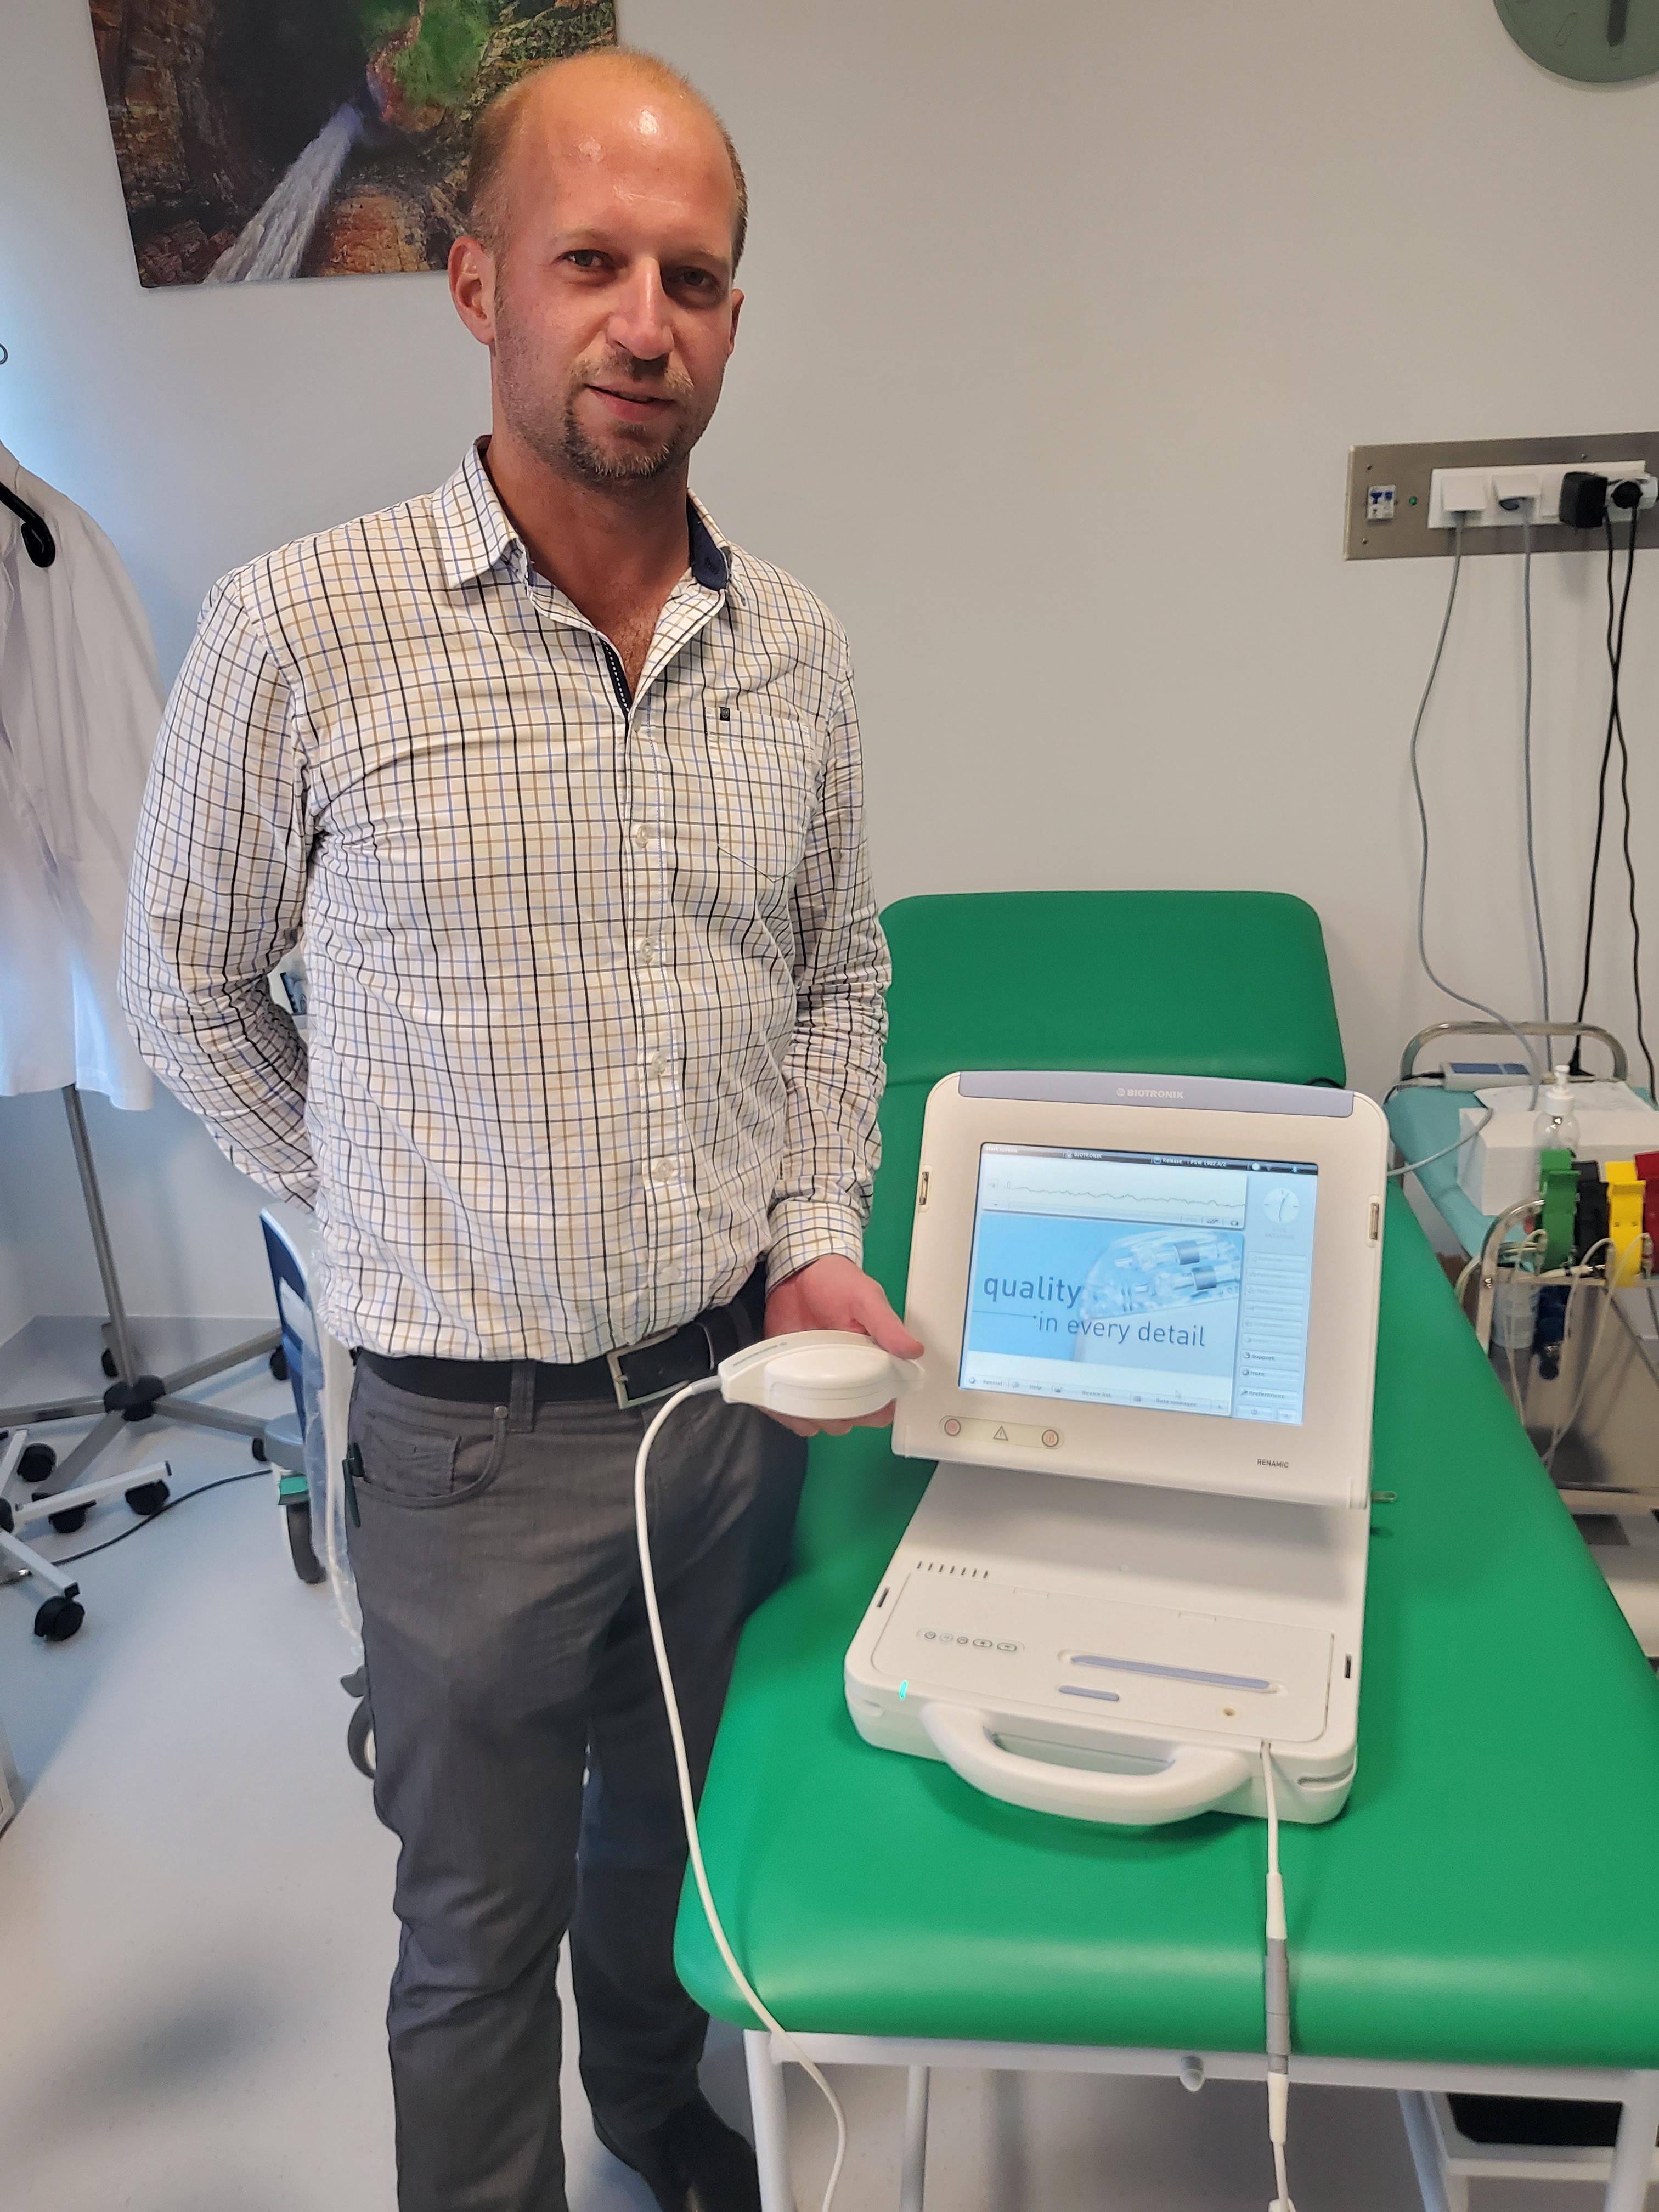 Som doktor a pacemakerek tudora, olyan kardiológus, aki óriási szaktudással rendelkezik